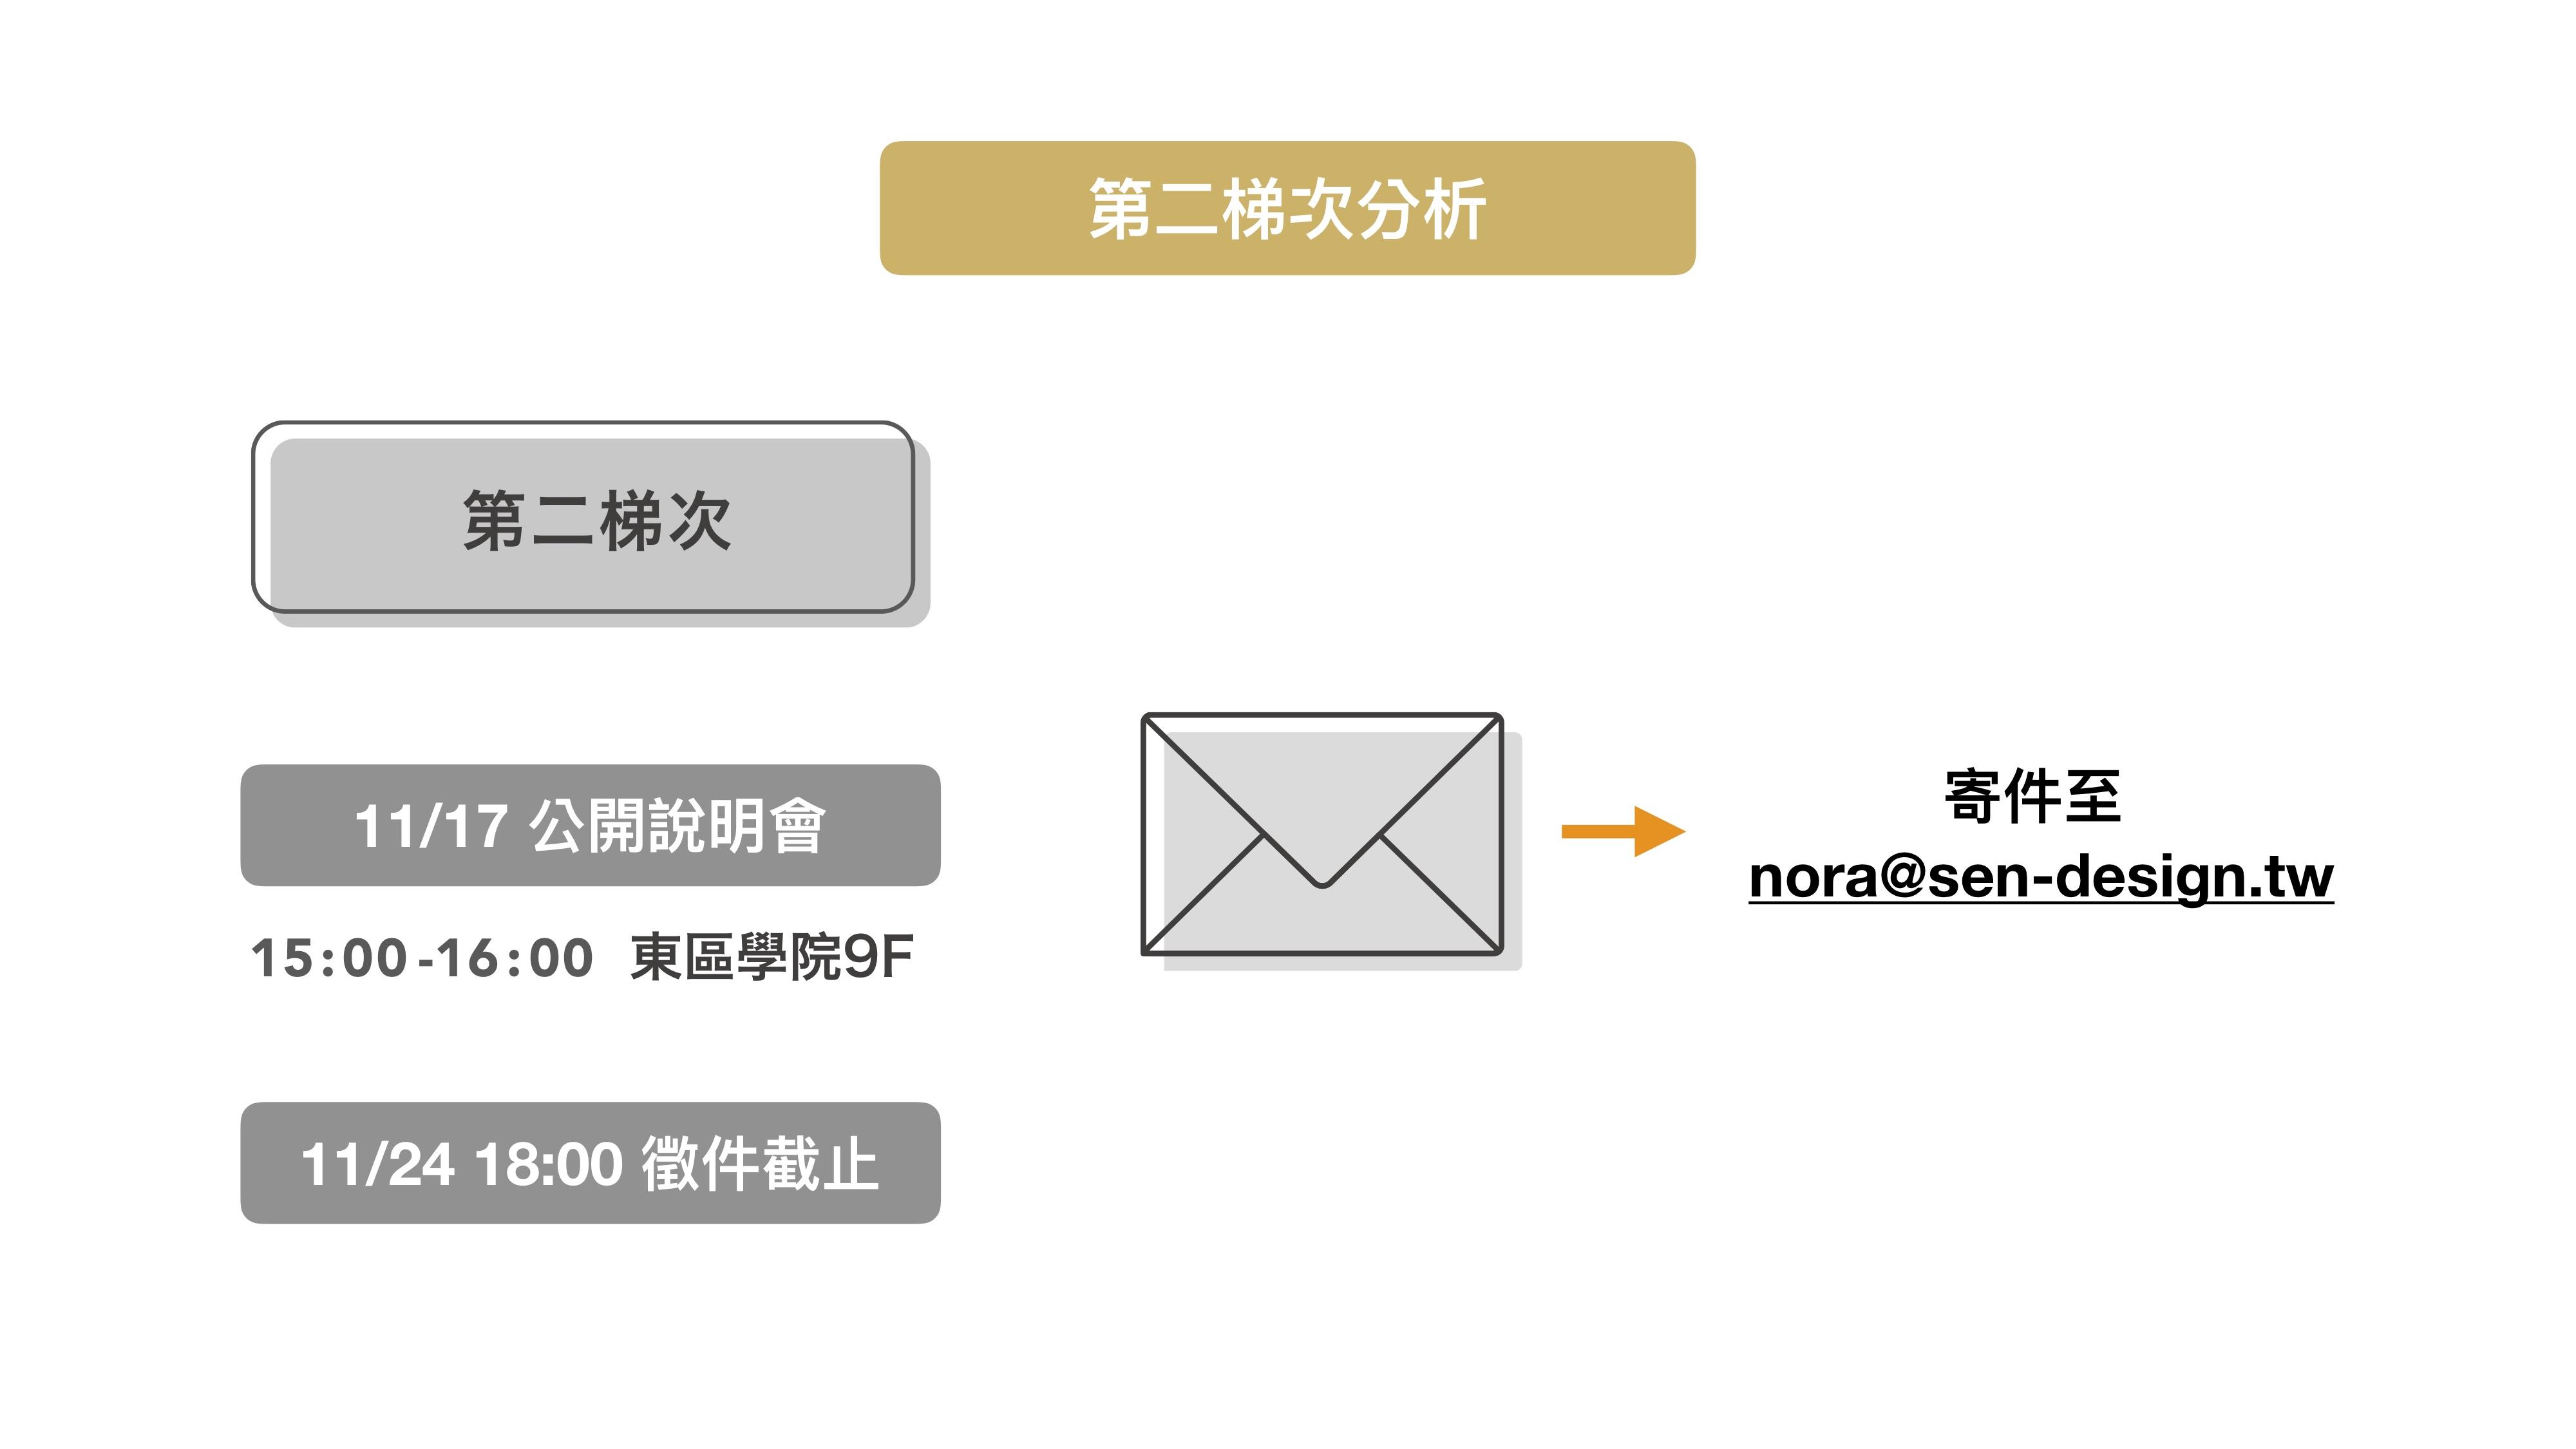 2020 接案新制交流會官網內容3